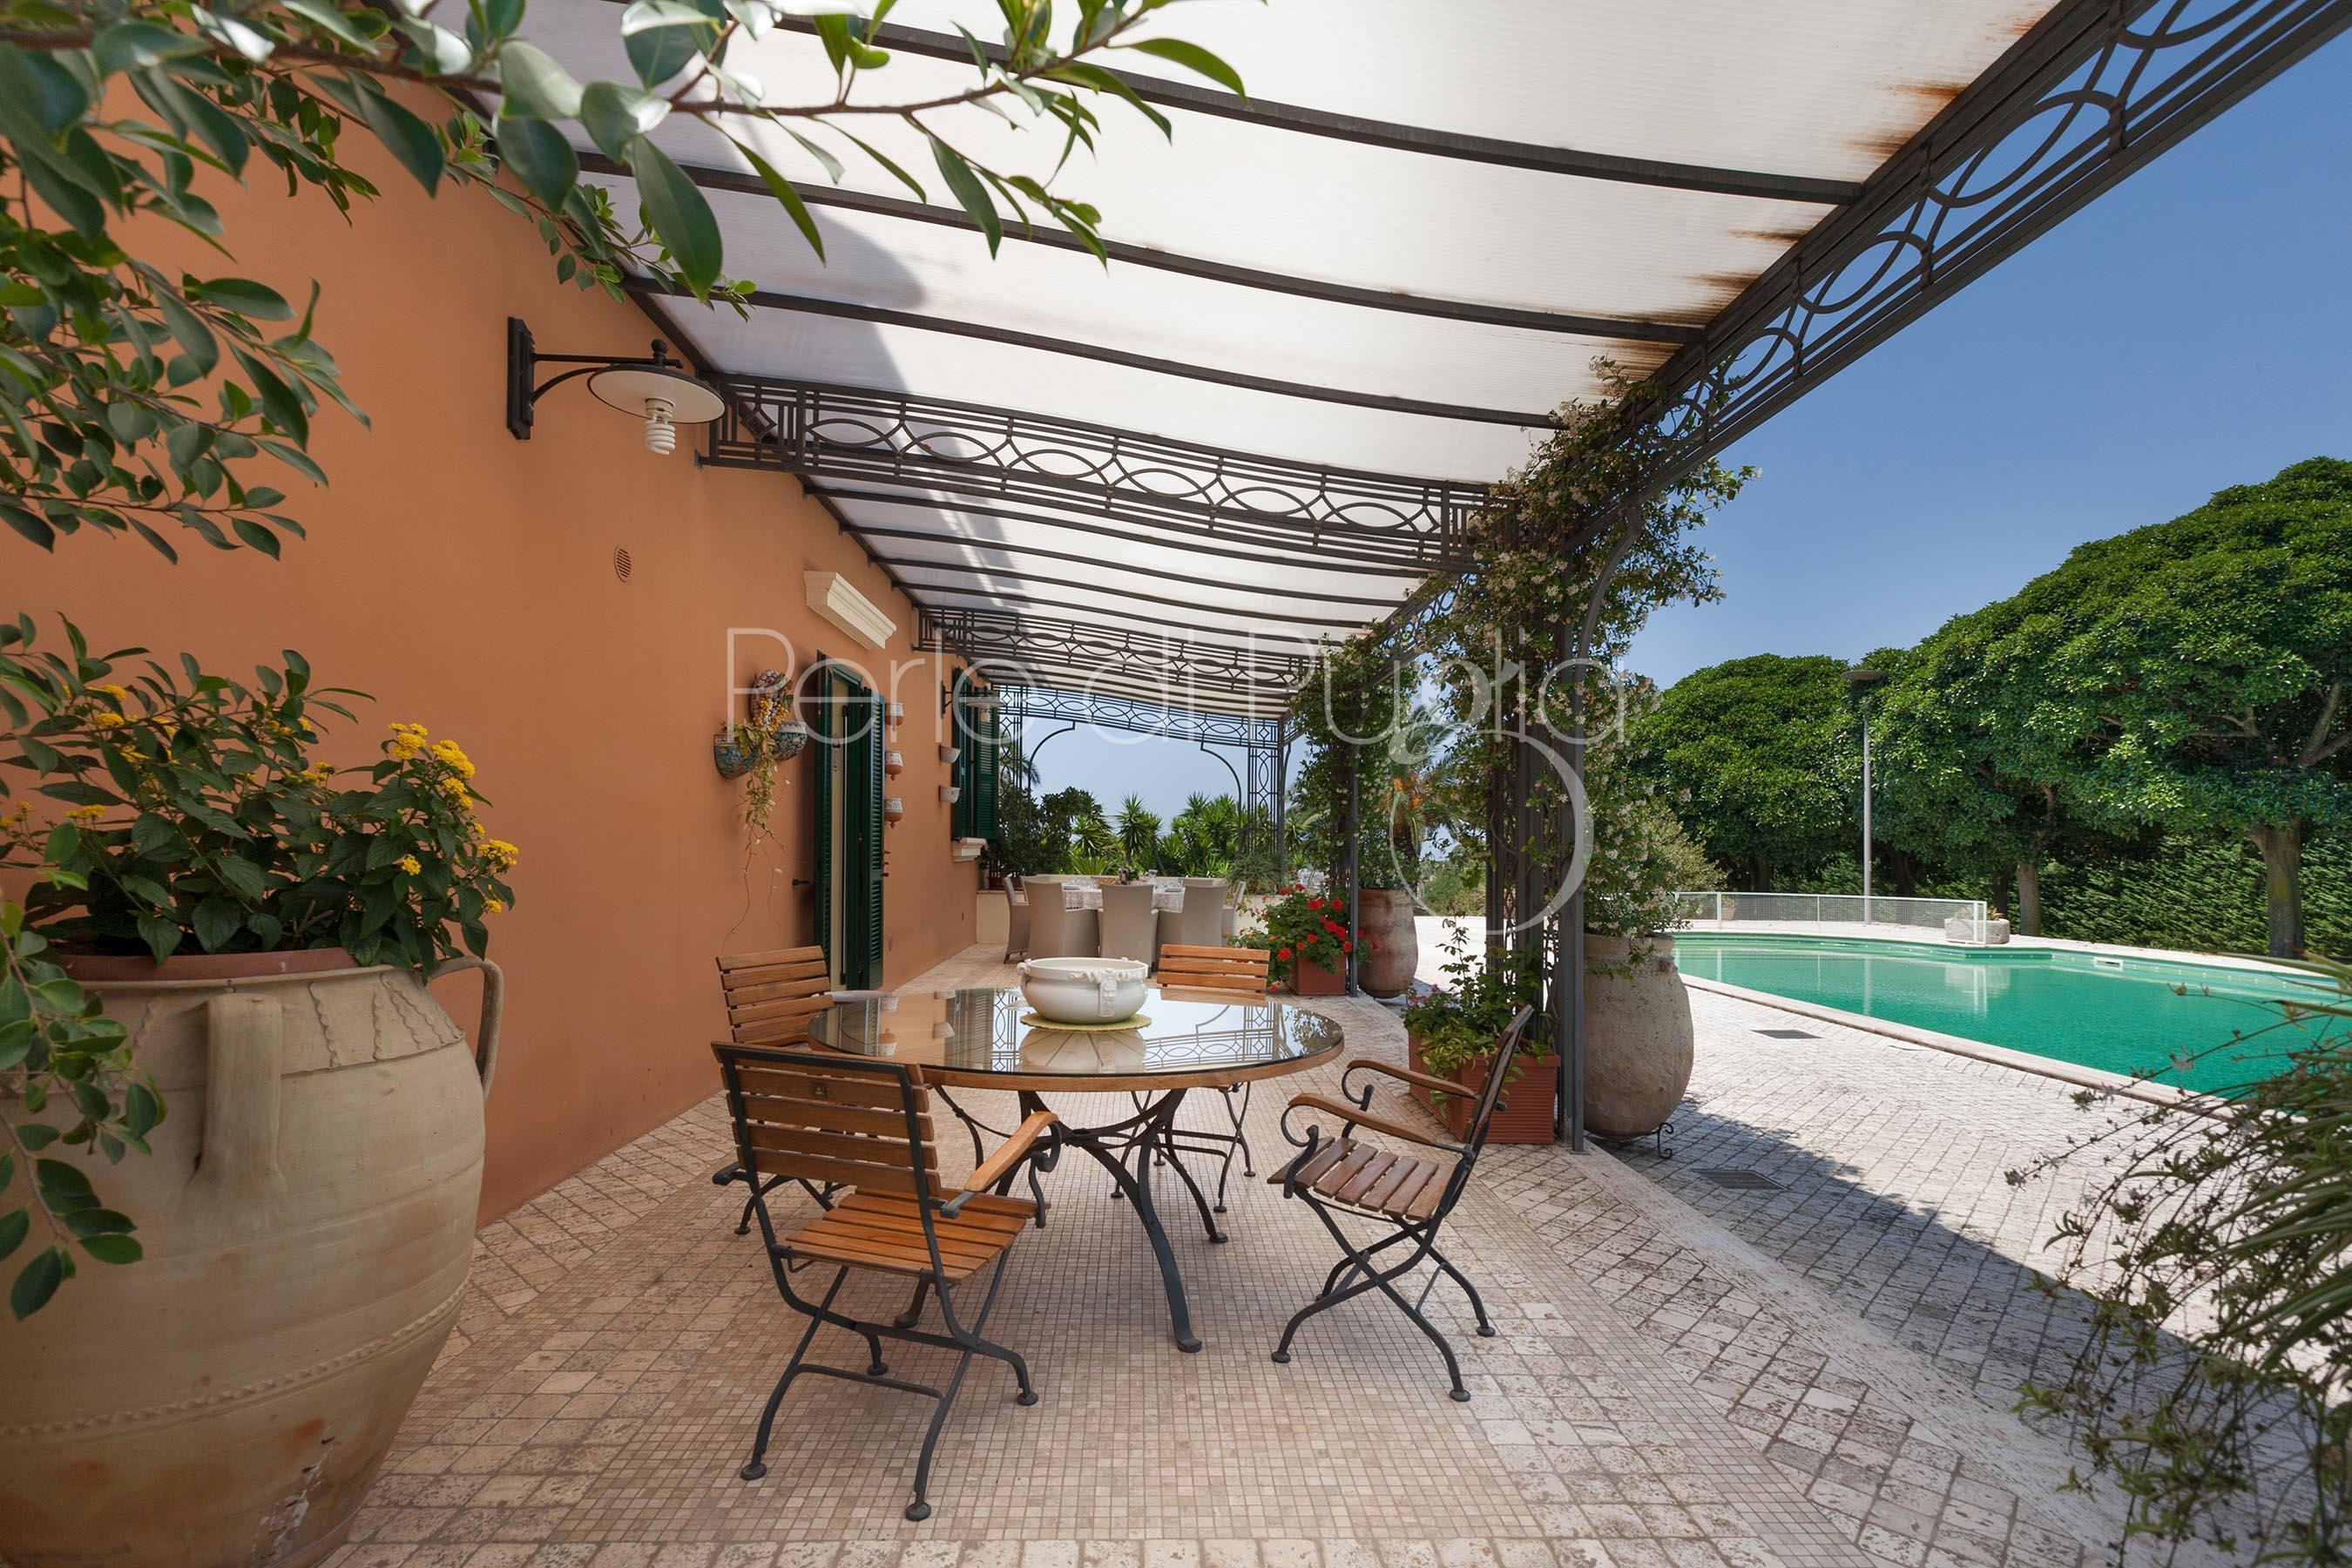 Villa roberta affitto villa con piscina a casarano - Villa con piscina salento ...